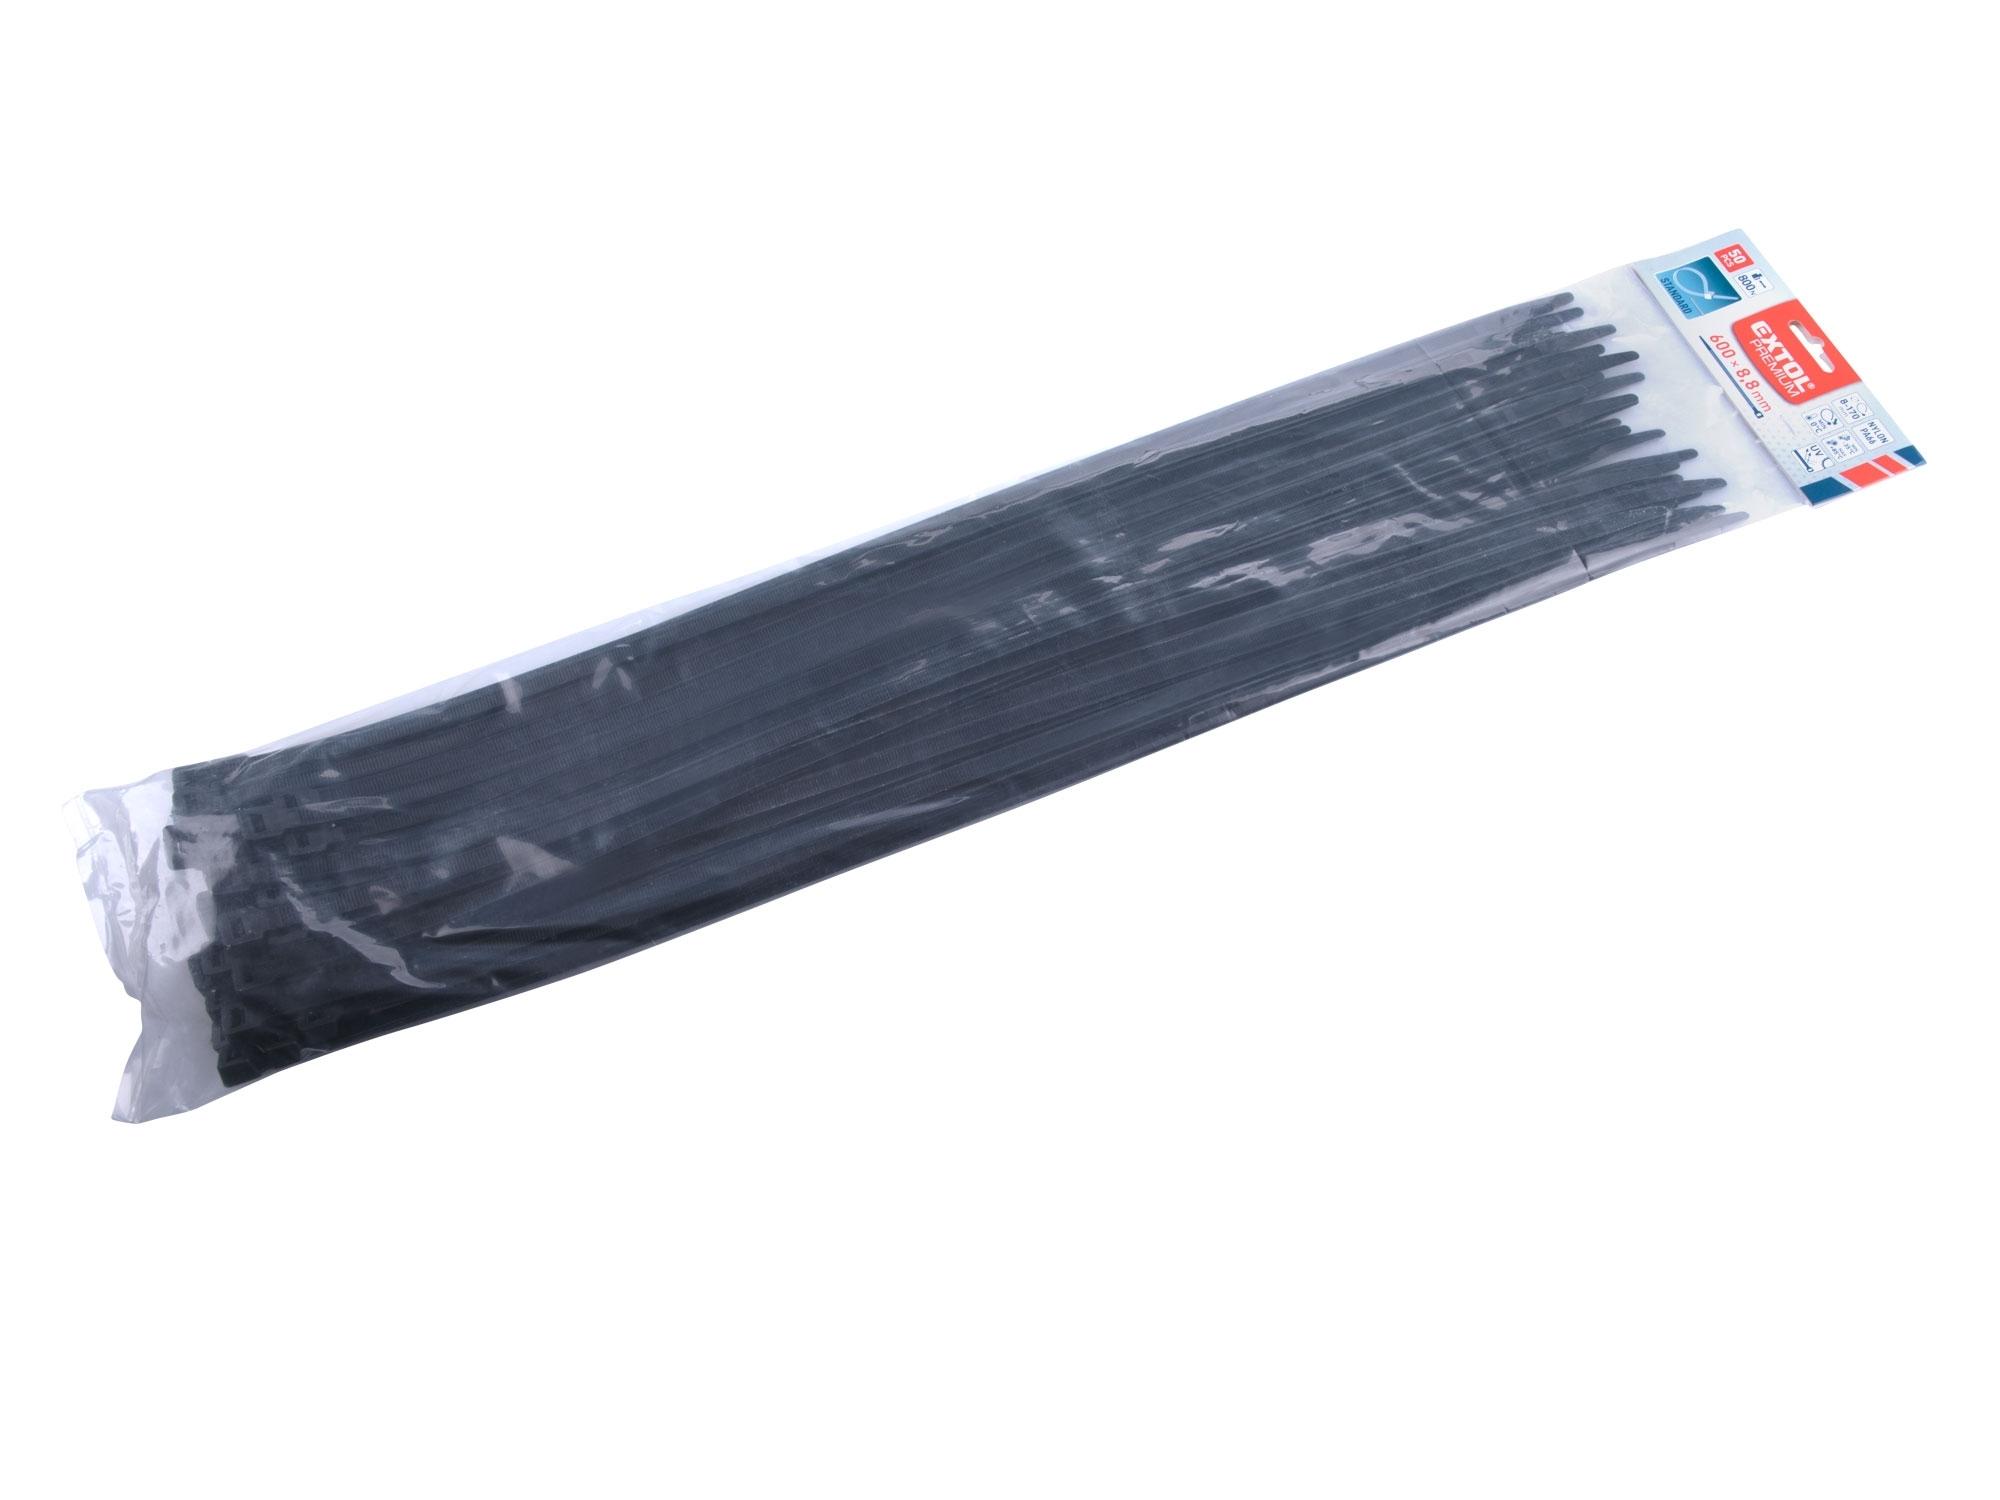 pásky stahovací na kabely černé, 600x8,8mm, 50ks, nylon PA66